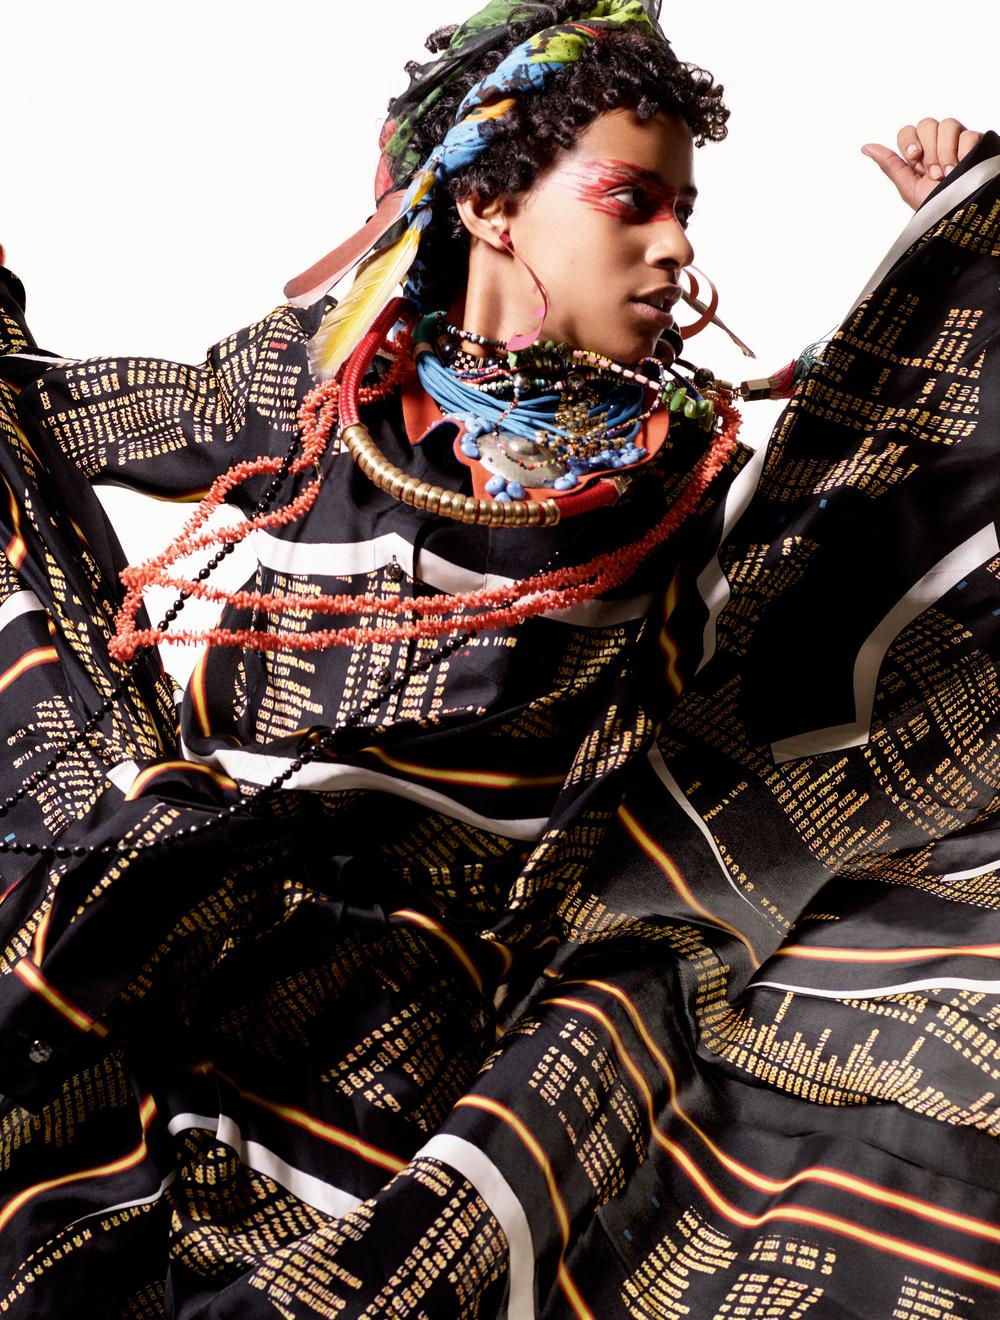 Vestido, blusa y pantalón de  CHANEL , bufanda en la cabeza de  FALIERO SARTI , aretes de  ROSIE ASSOULIN . Collares: (de arriba hacia abajo) cuentas de  WALT   CASSIDY , collar de tela de  PARME MARIN , collares con magnéticos de  LE BRAIN , brazaletes de resina de  DINOSAUR DESIGNS